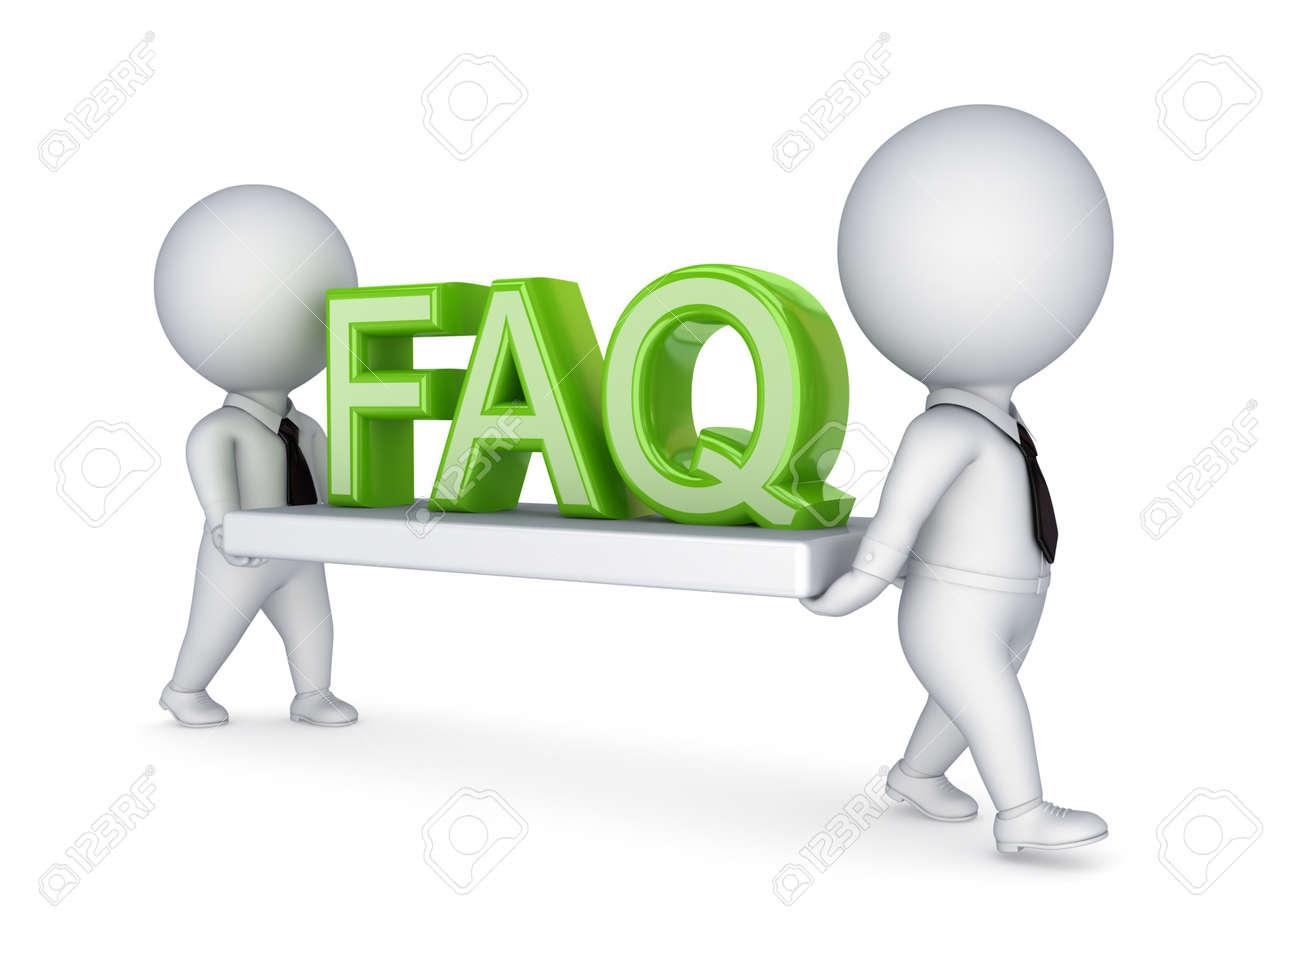 FAQ concept Stock Photo - 14452040